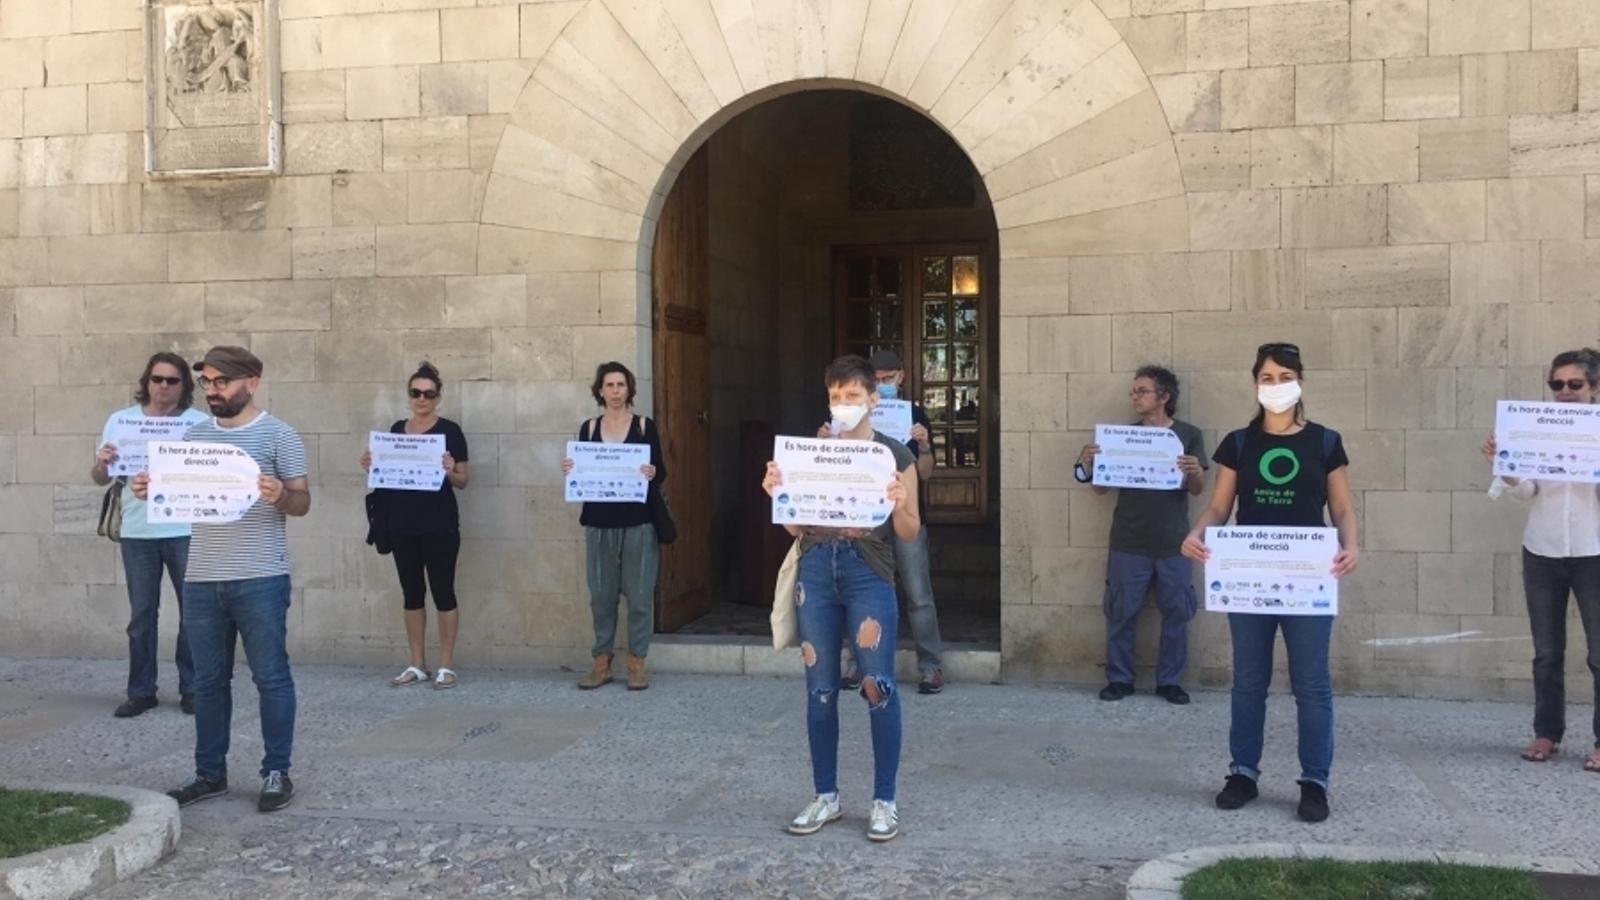 Membres del GOB protesten després del discurs d'Armengol